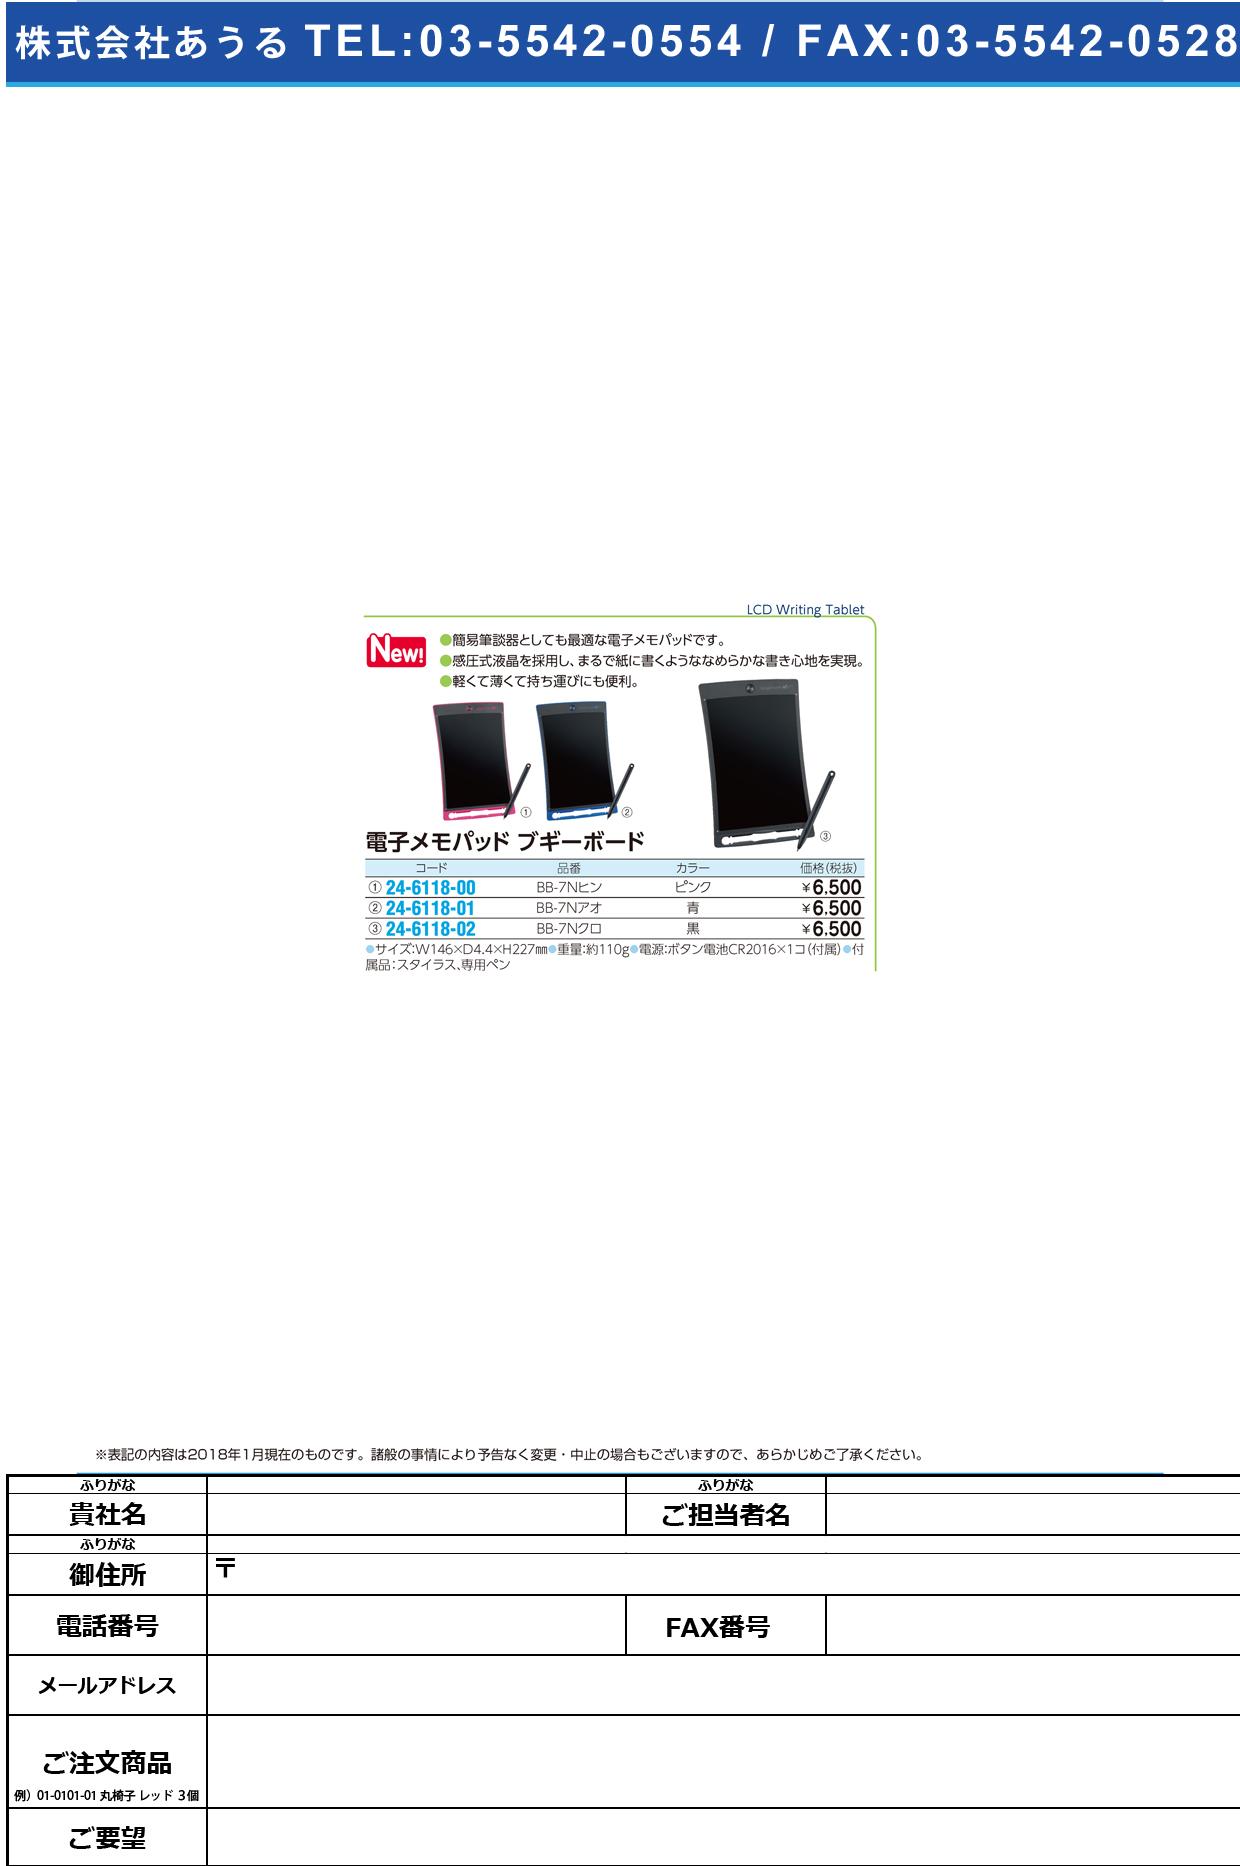 (24-6118-00)電子メモパッドブギーボード BB-7ピンク デンシメモパッドブギーボート【1台単位】【2018年カタログ商品】